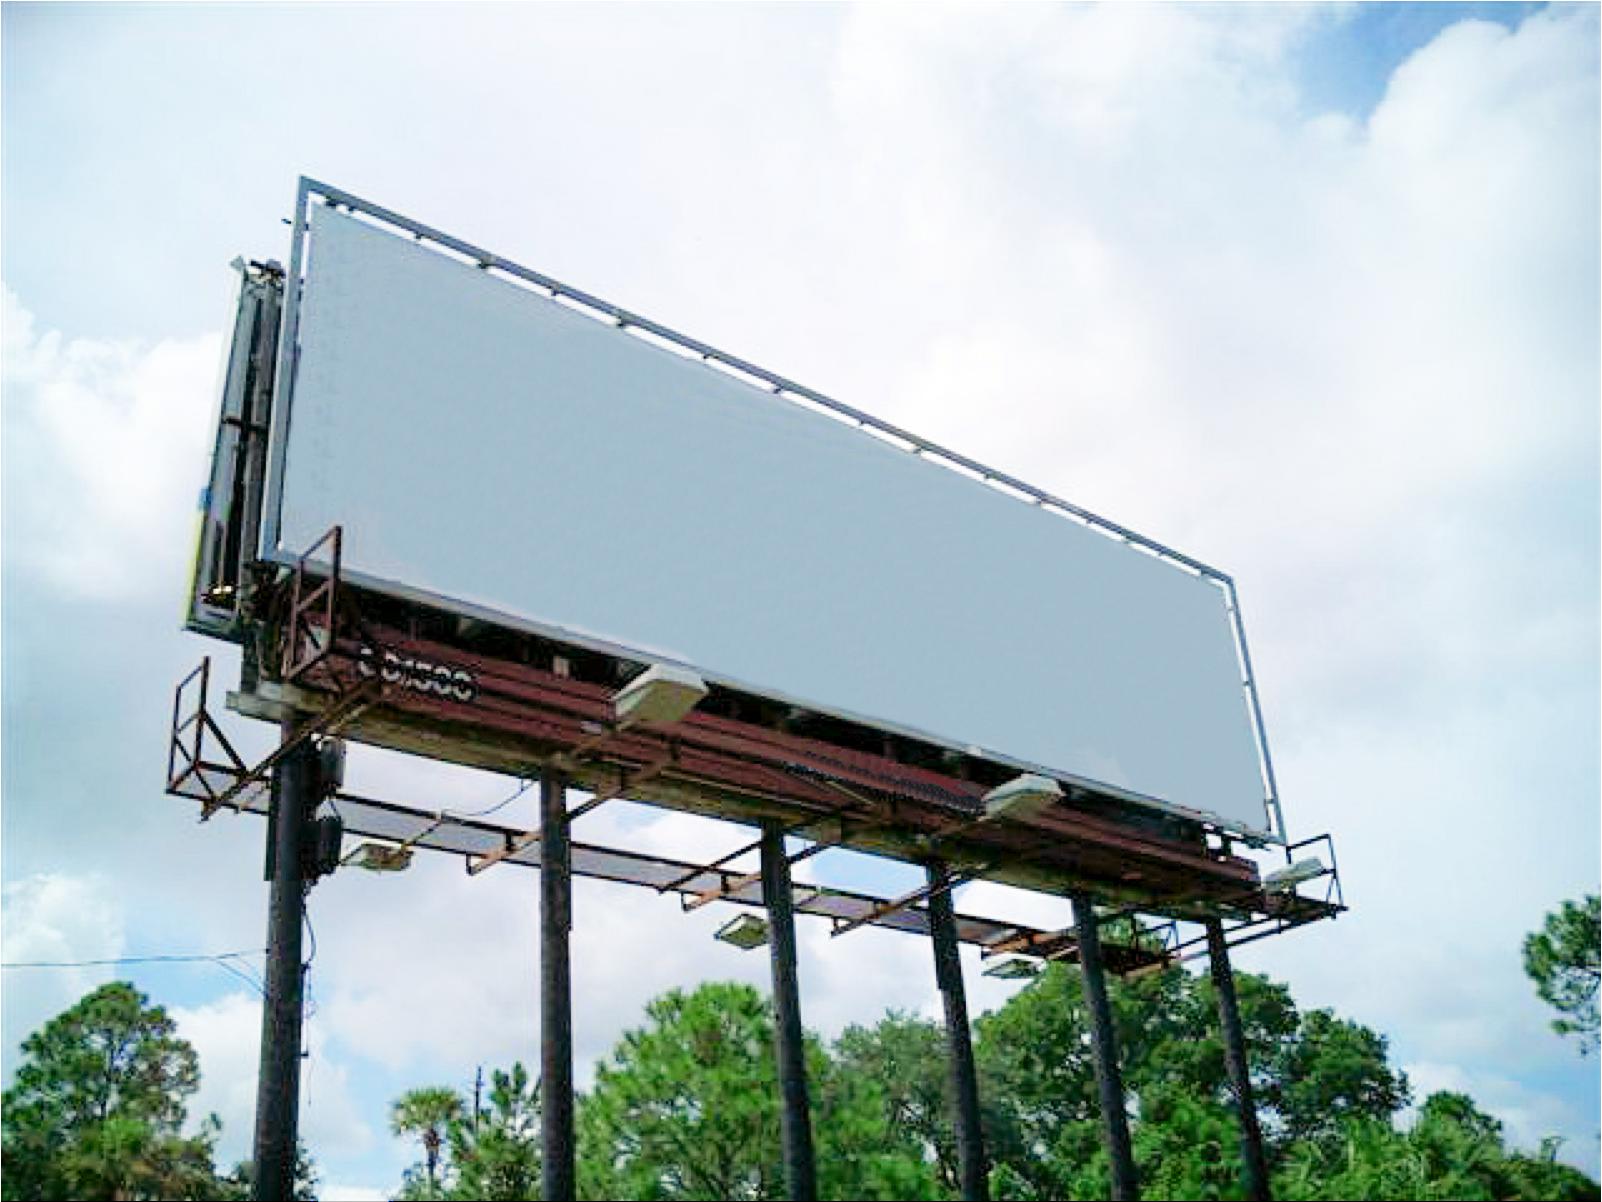 Panel-Free Frame